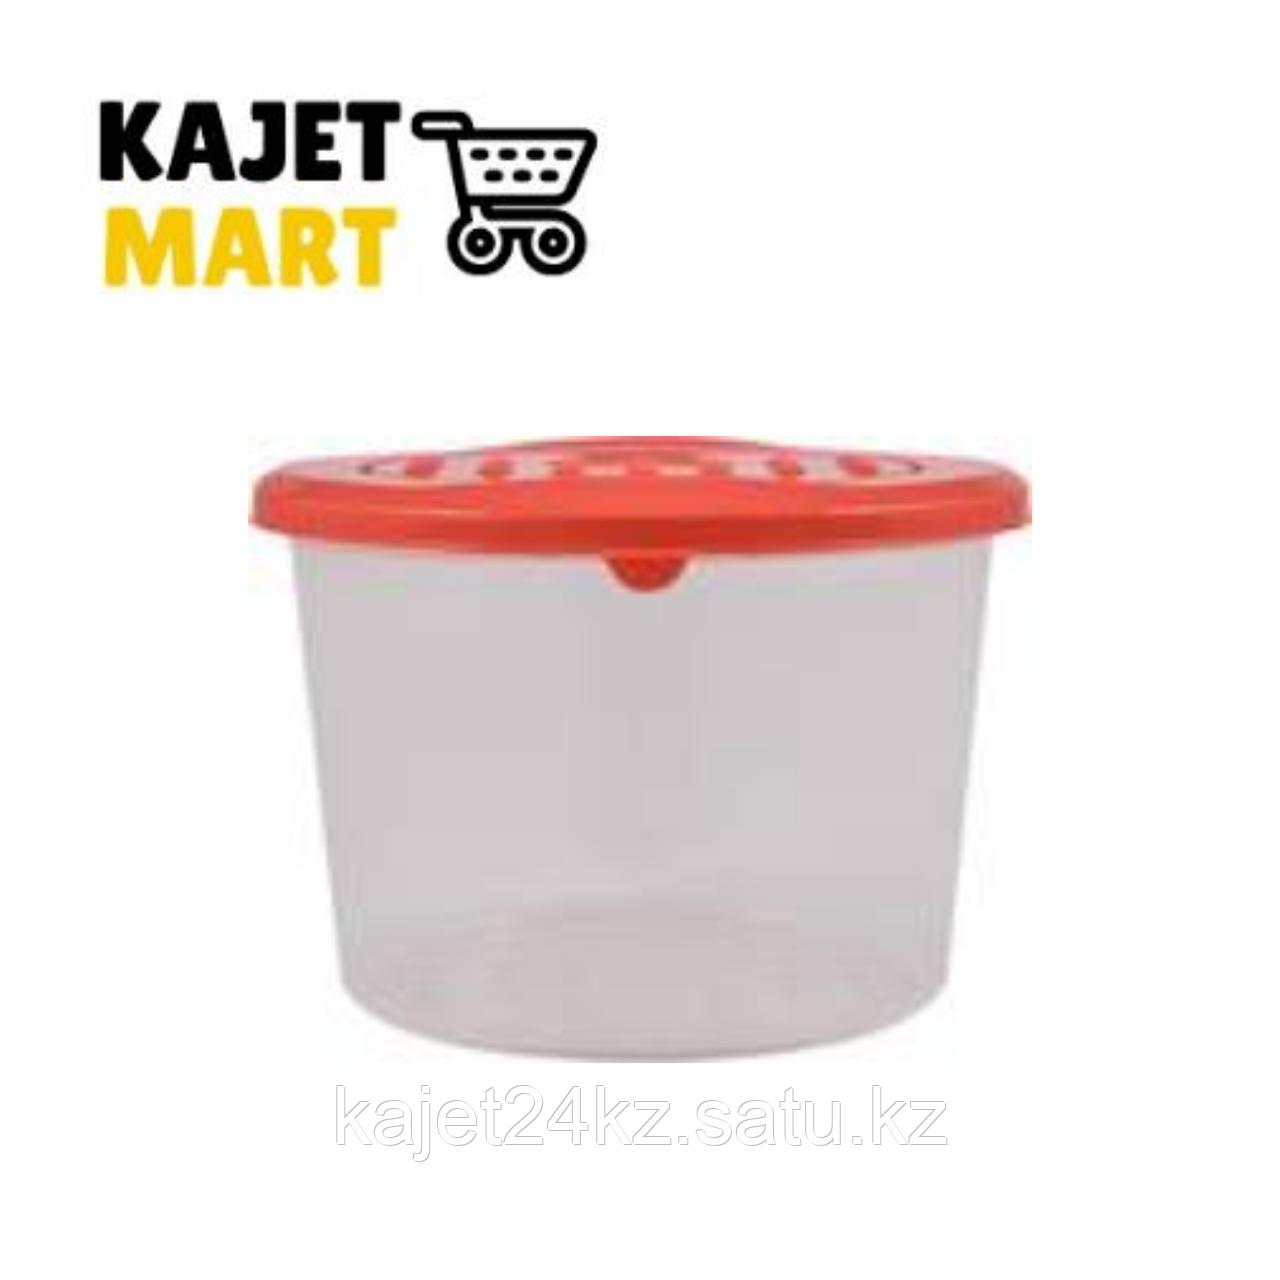 Емкость для хранения продуктов PATTERN круглая 0,8л коралловый